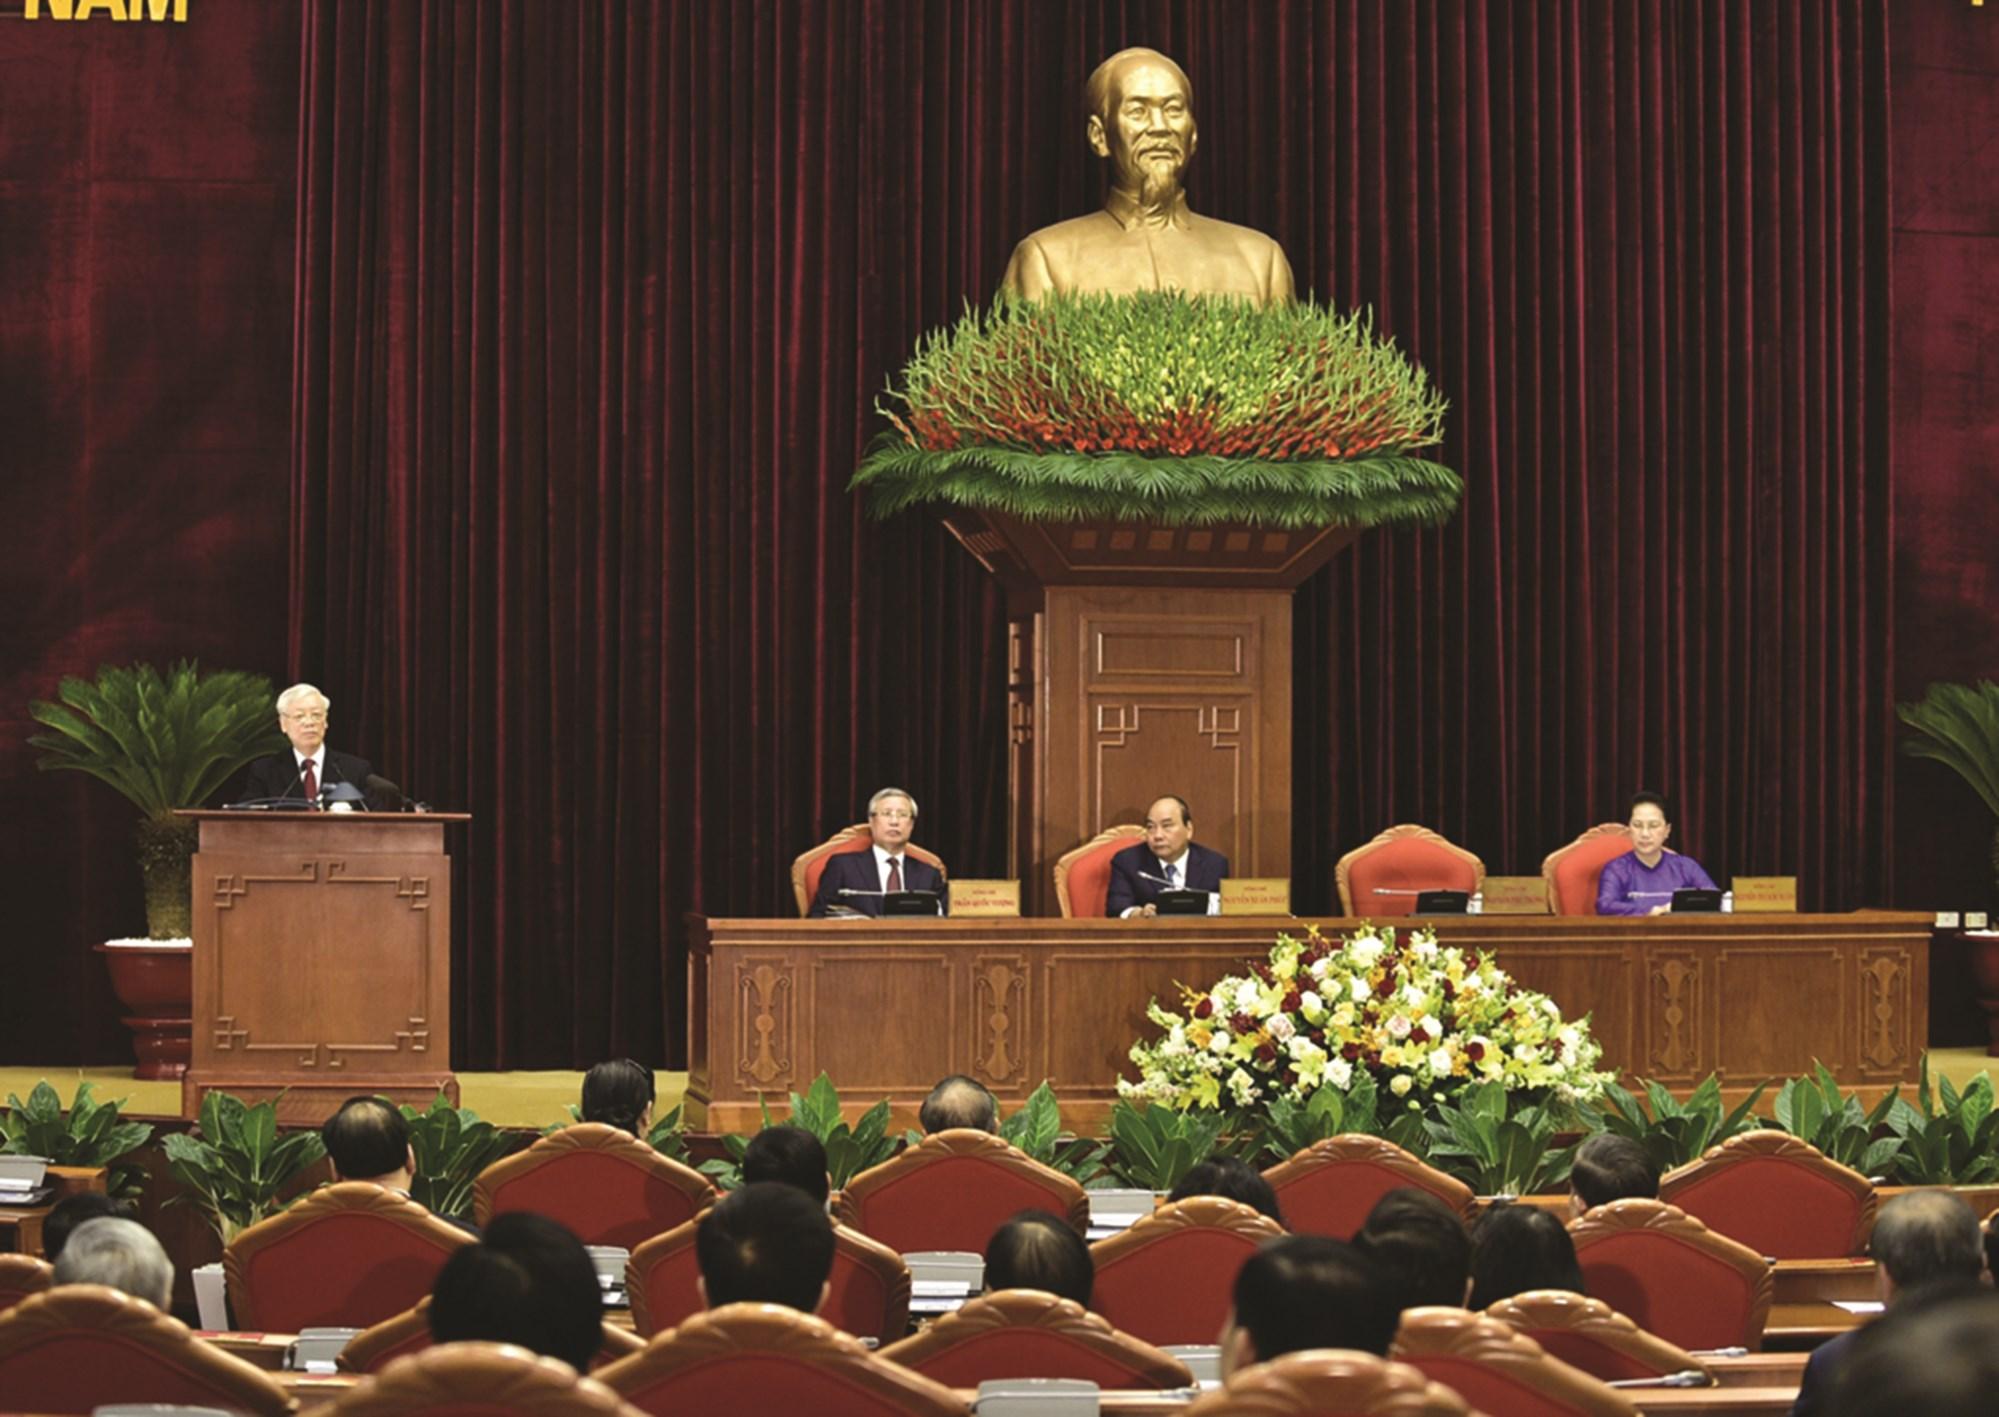 Tổng Bí thư, Chủ tịch nước Nguyễn Phú Trọng phát biểu tại Hội nghị Trung ương 11.